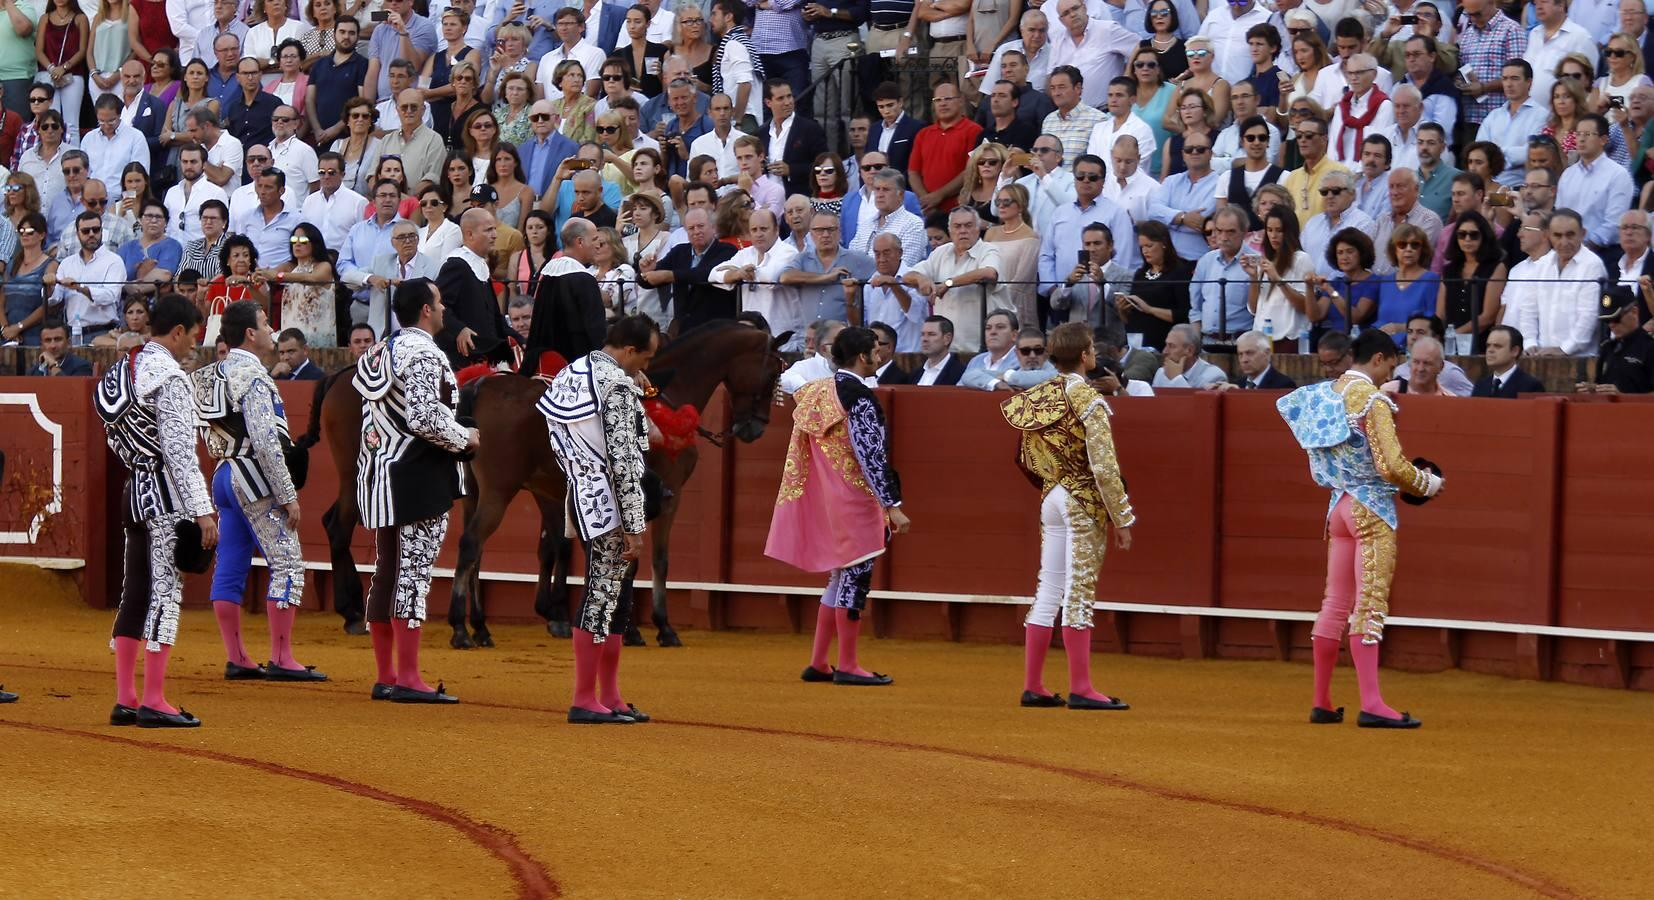 La primera corrida de la Feria de San Miguel 2016, en imágenes